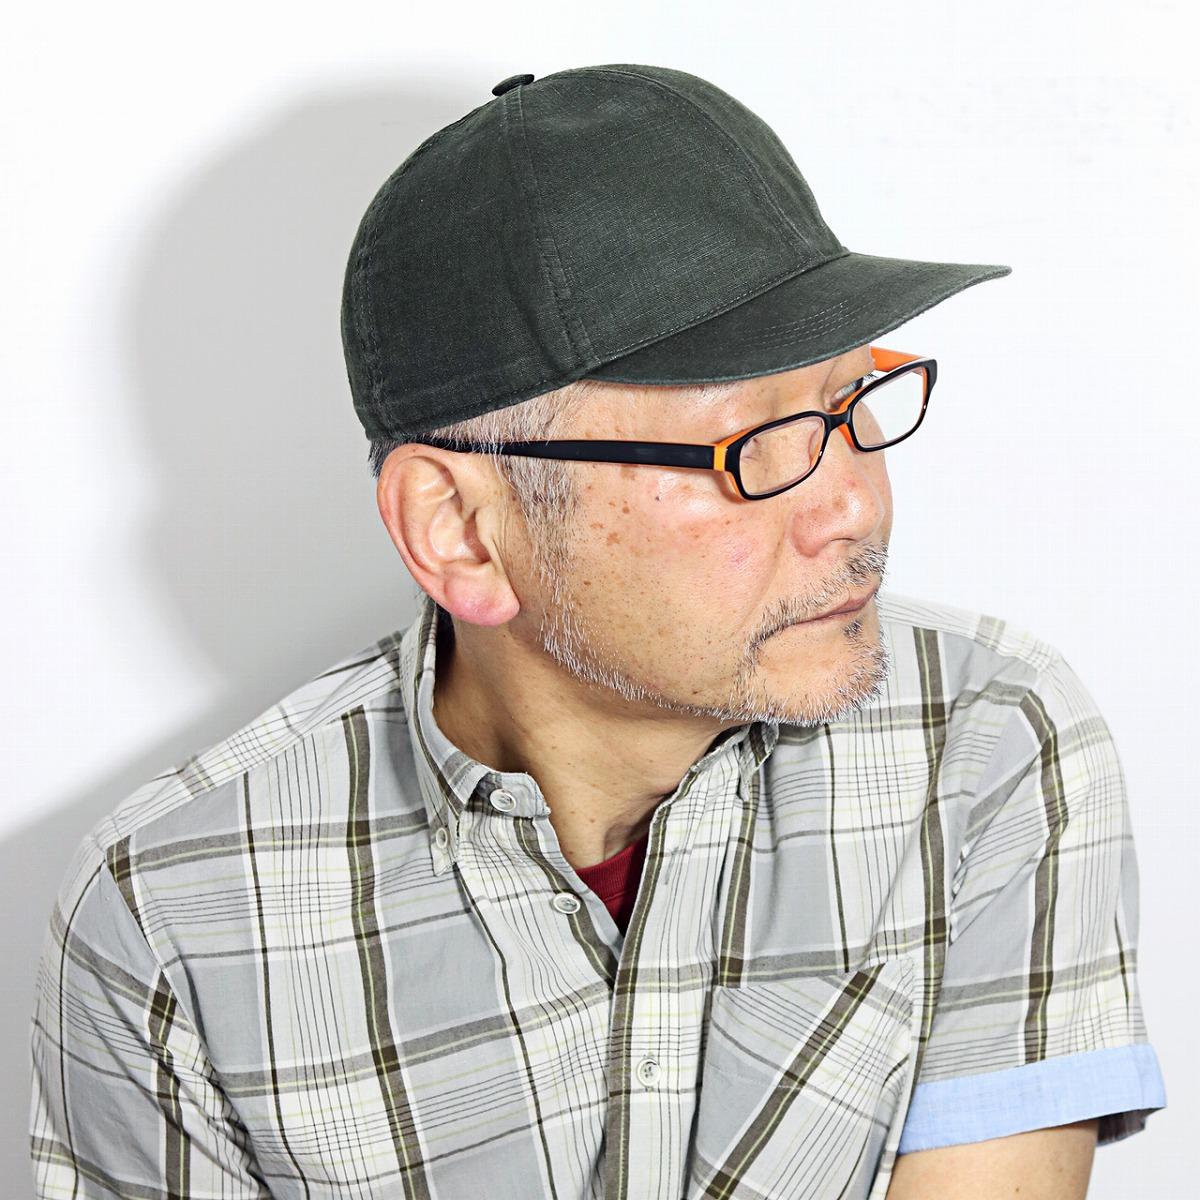 WIGENS キャップ メンズ 春 夏 涼しい 帽子 ウォッシュドリネン ウィゲーン ベースボールキャップ 大きいサイズ ビンテージ感 インポート ブランド 帽子 無地 シンプル リネンキャップ カジュアル 紳士 オリーブ[ cap ]父の日 プレゼント 男性 ギフト